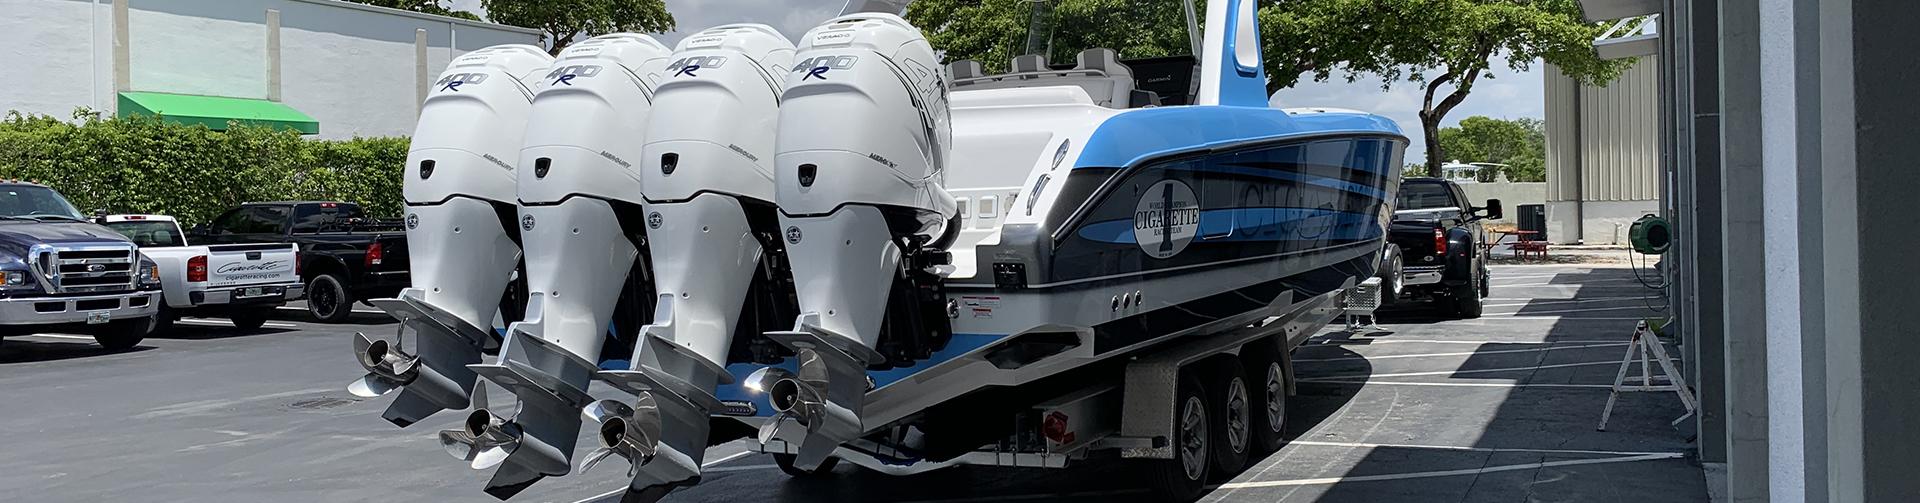 Miami Boat Transport